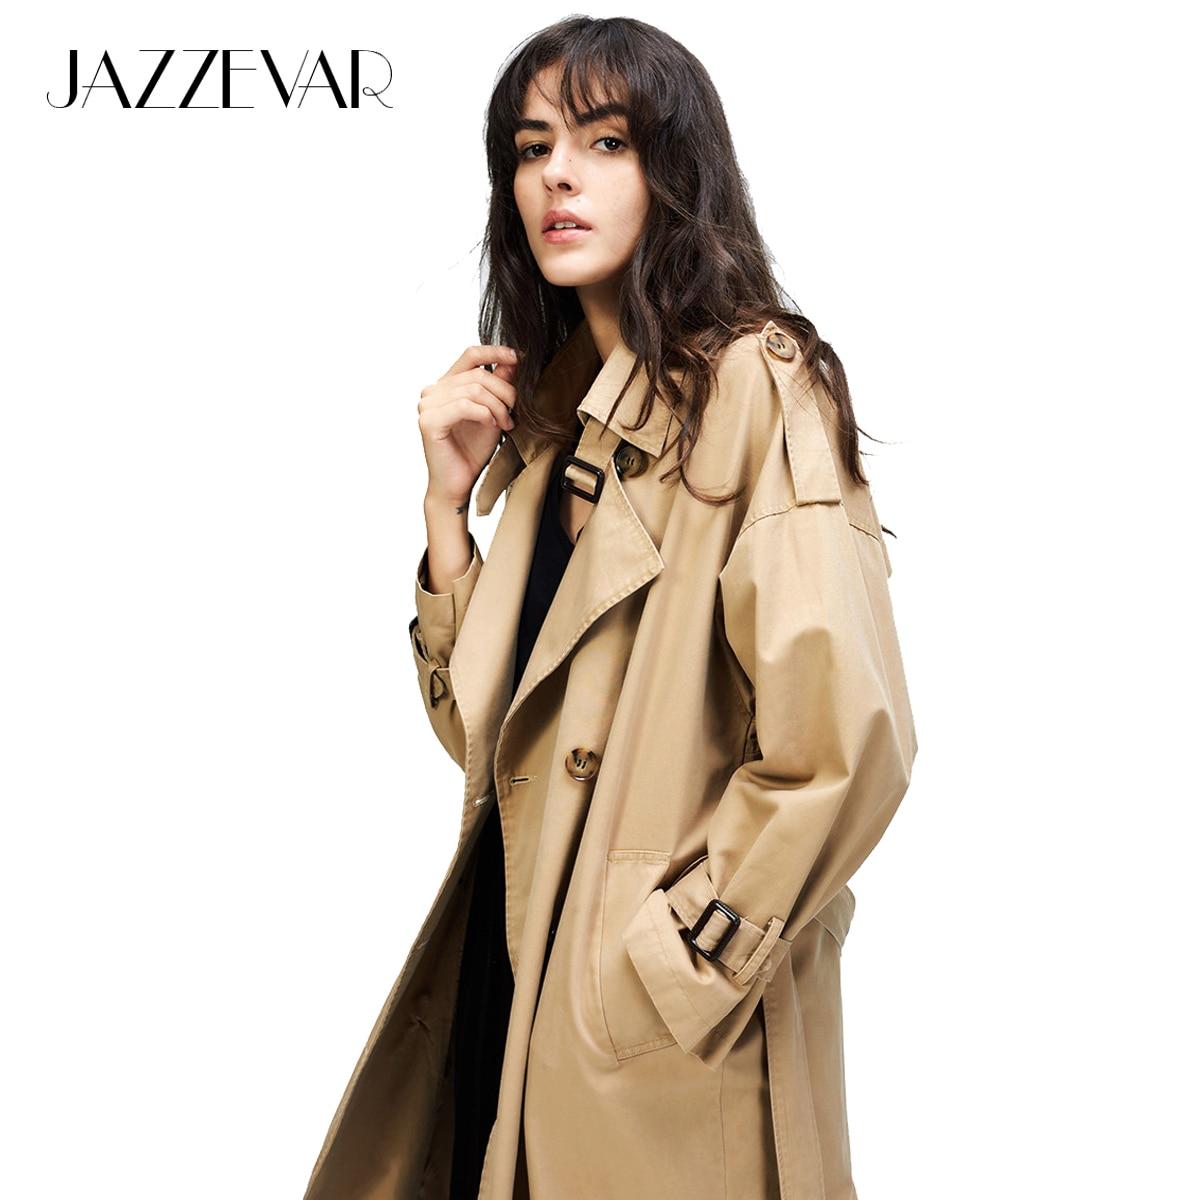 JAZZEVAR 2019 Herbst Neue frauen Casual graben mantel übergroßen Doppel Breasted Vintage Gewaschen Outwear Lose Kleidung